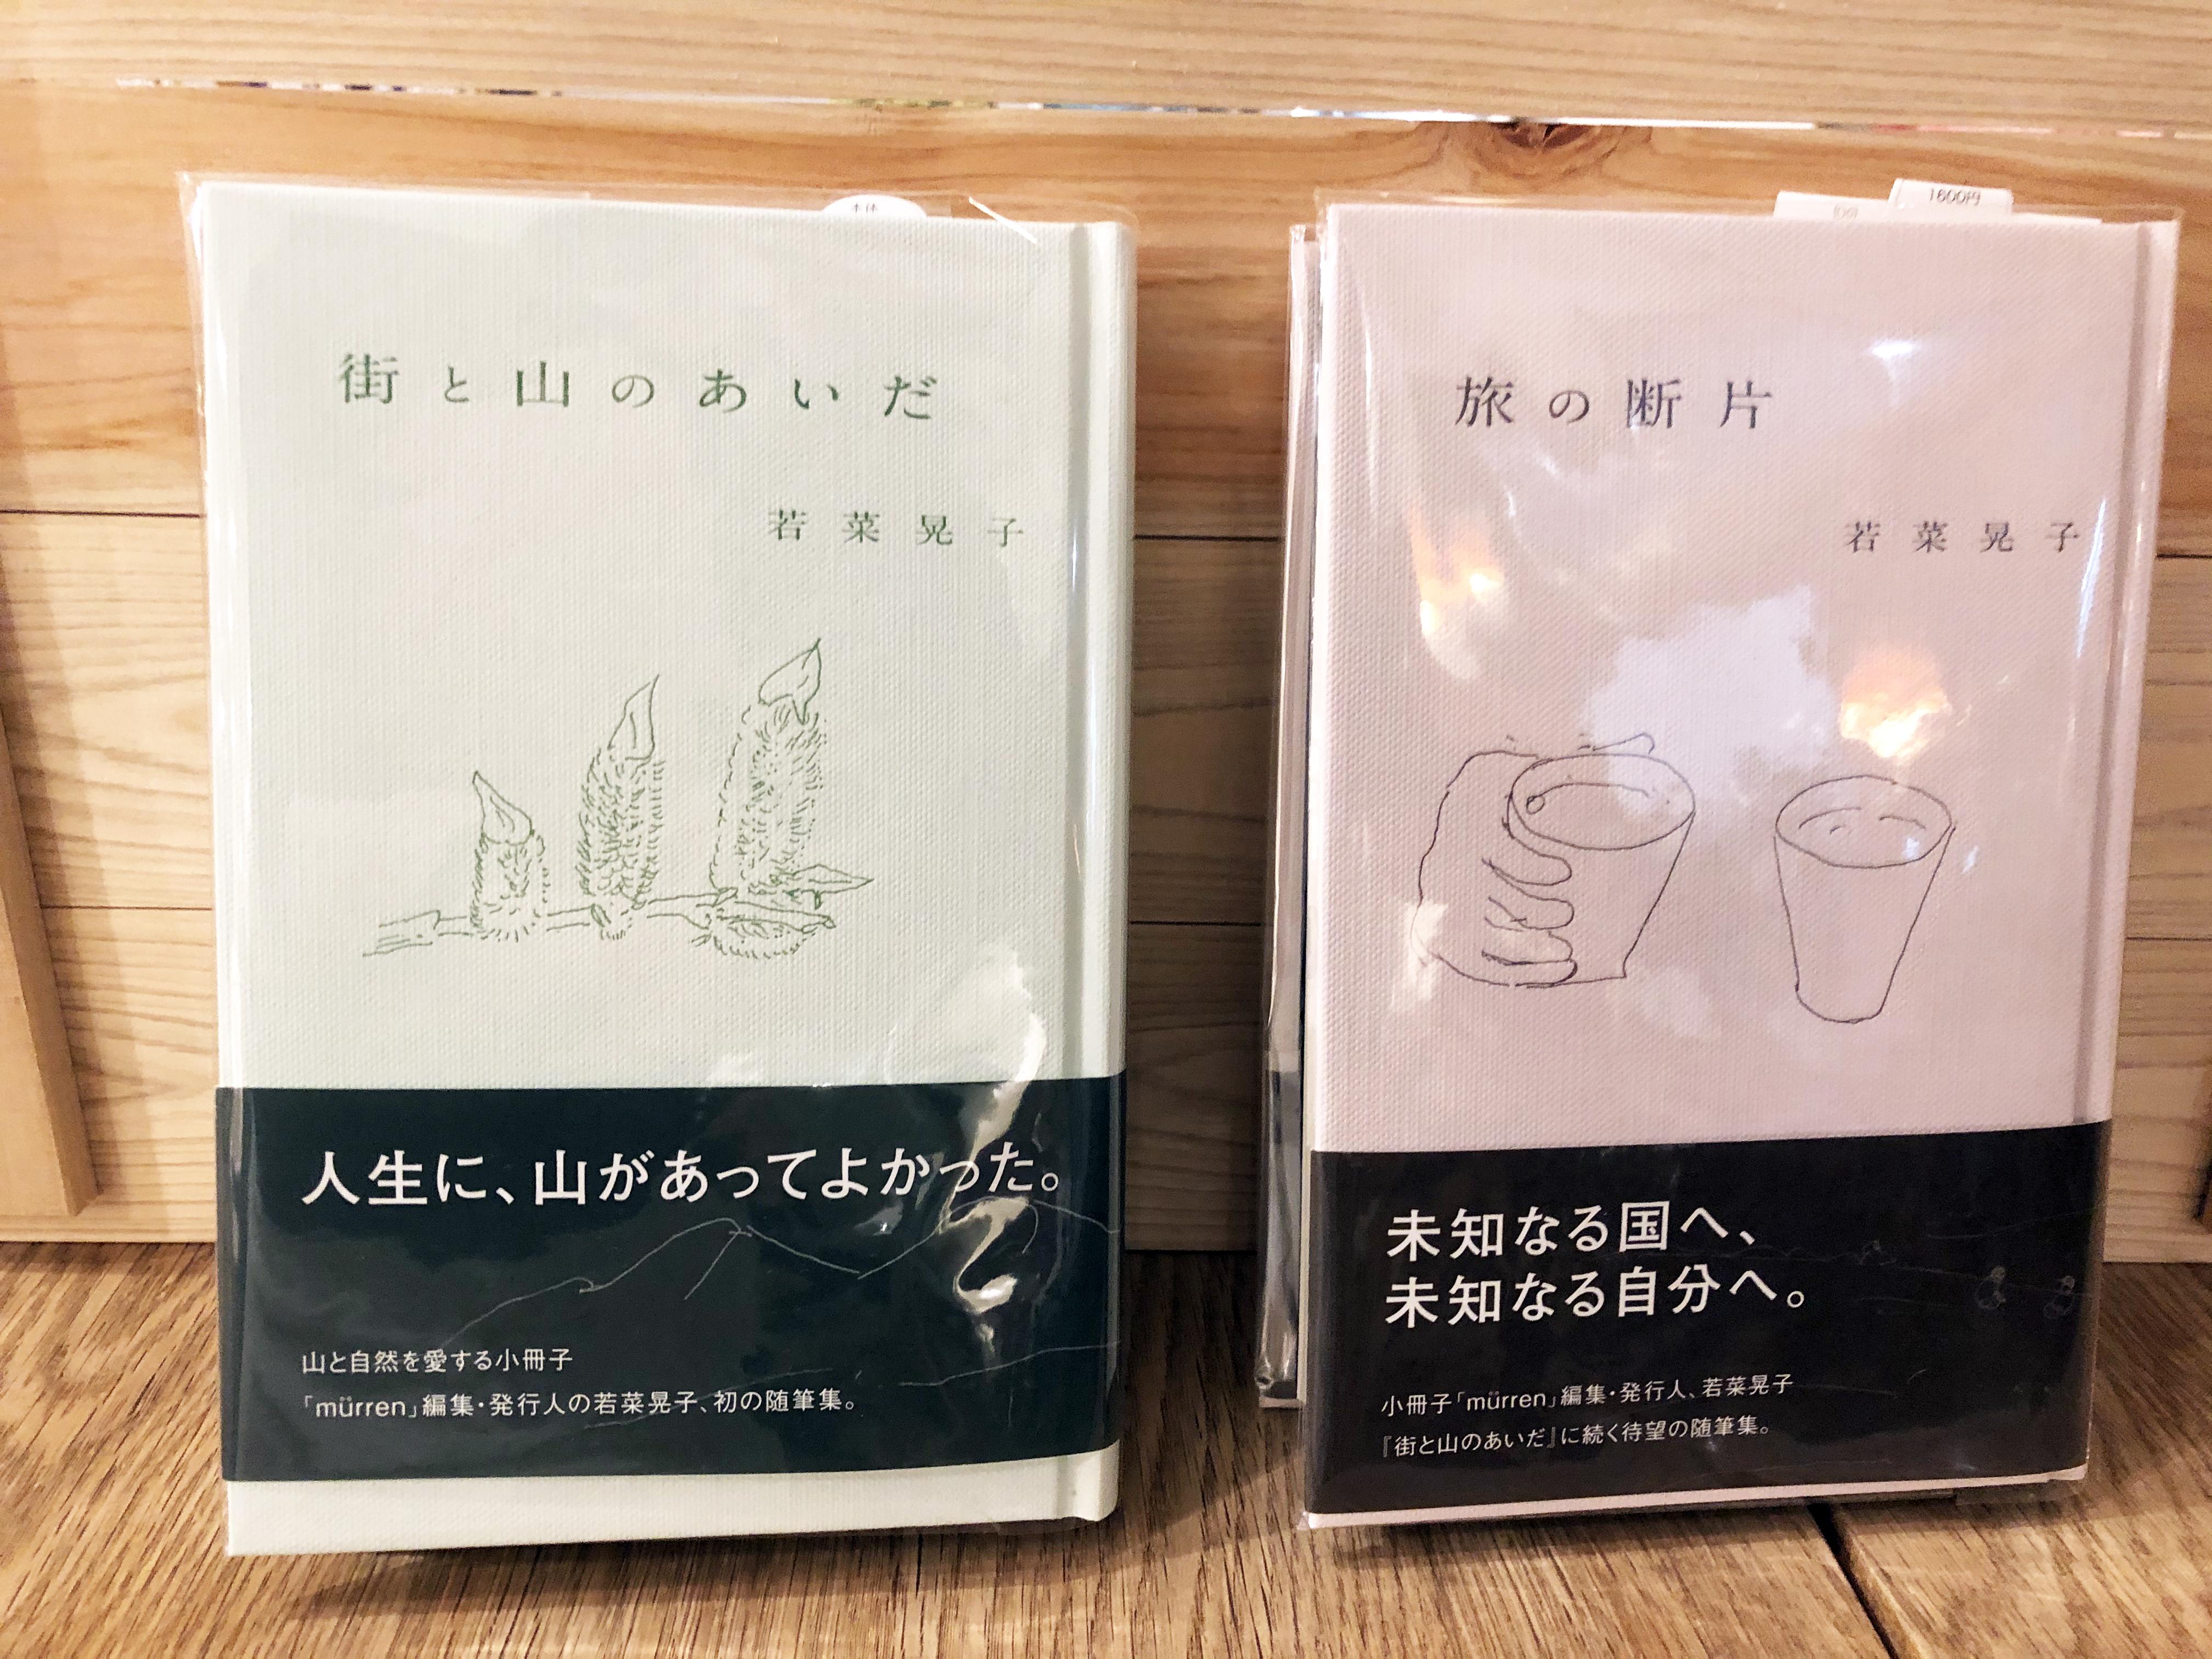 https://www.schule.jp/hibinokoto/IMG_1904.jpg